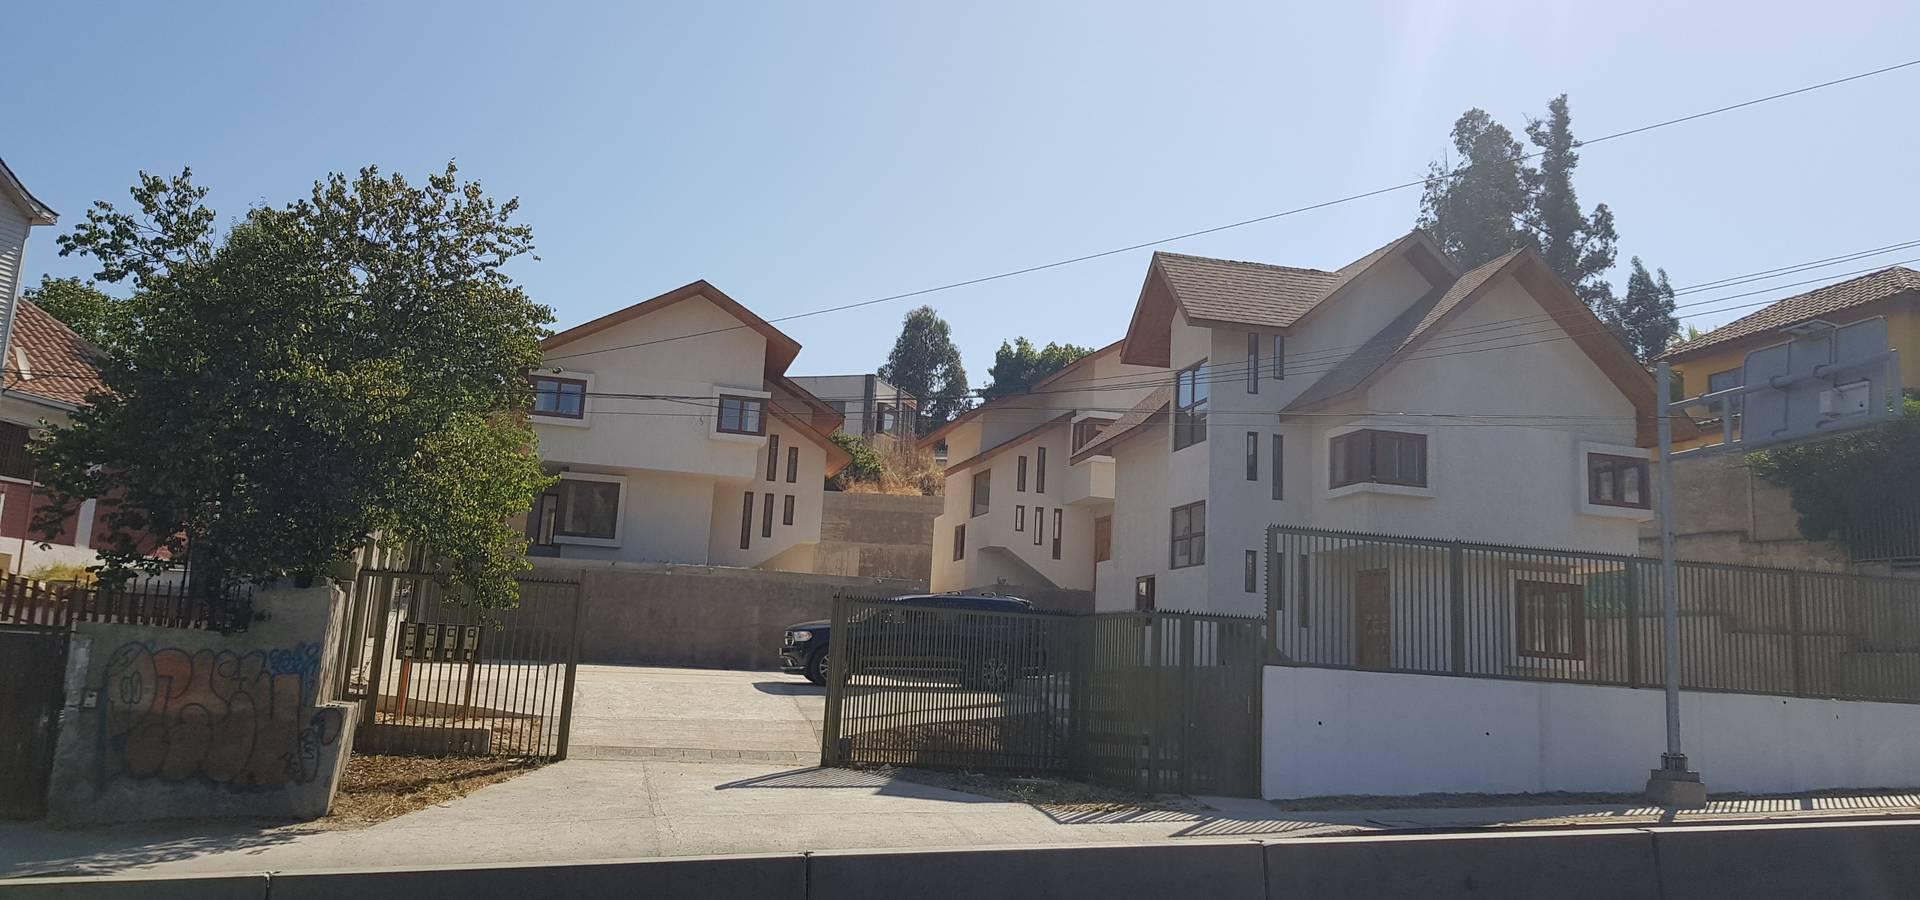 Andes Arquitectura & Construcción